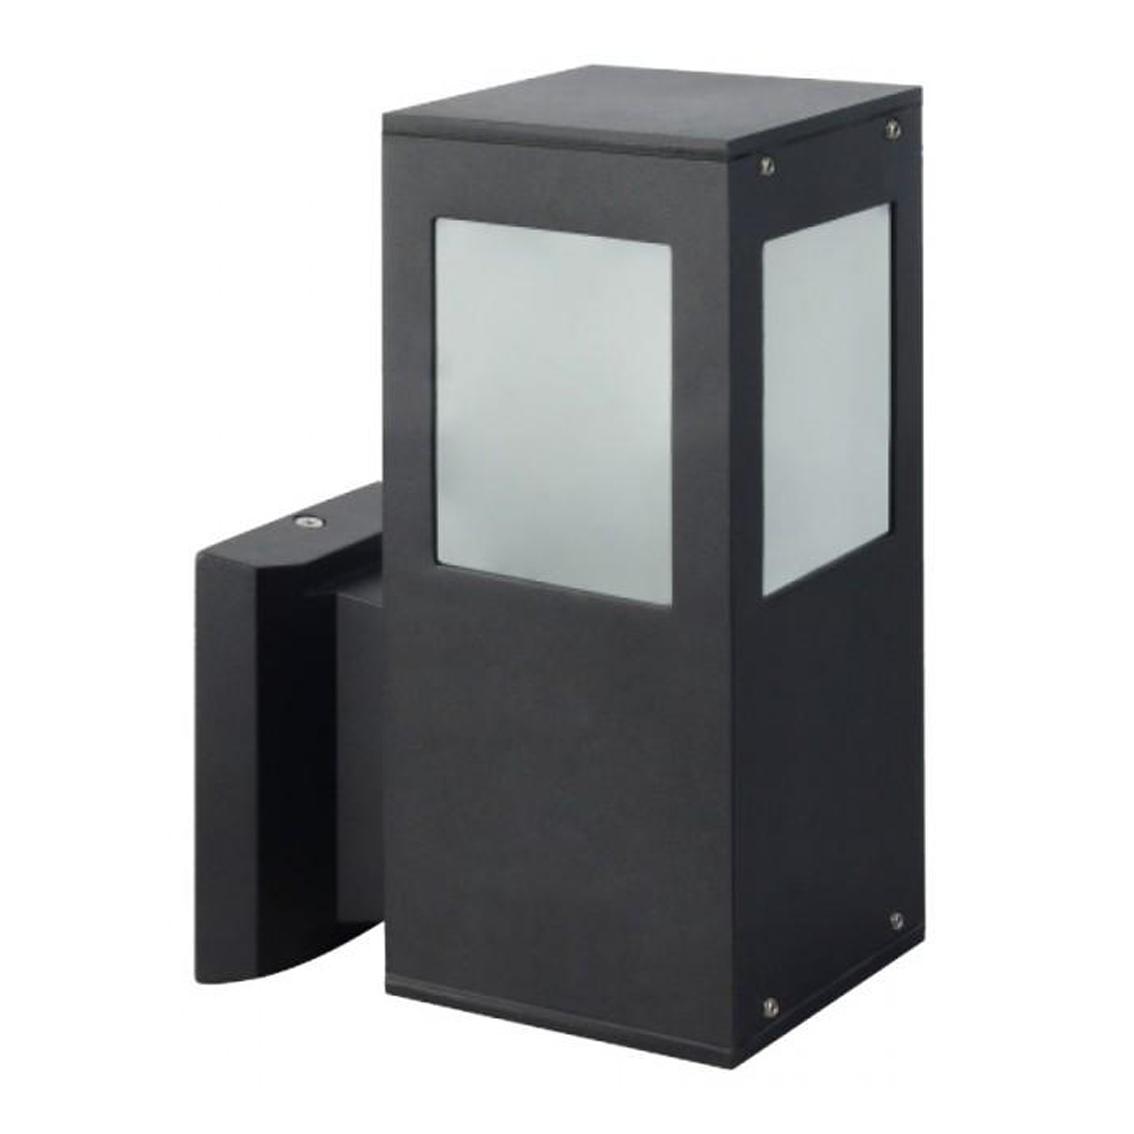 Vrtna lampa svjetiljka E27 HL KAVAK SQ-2 Horoz Elektro Vukojevic